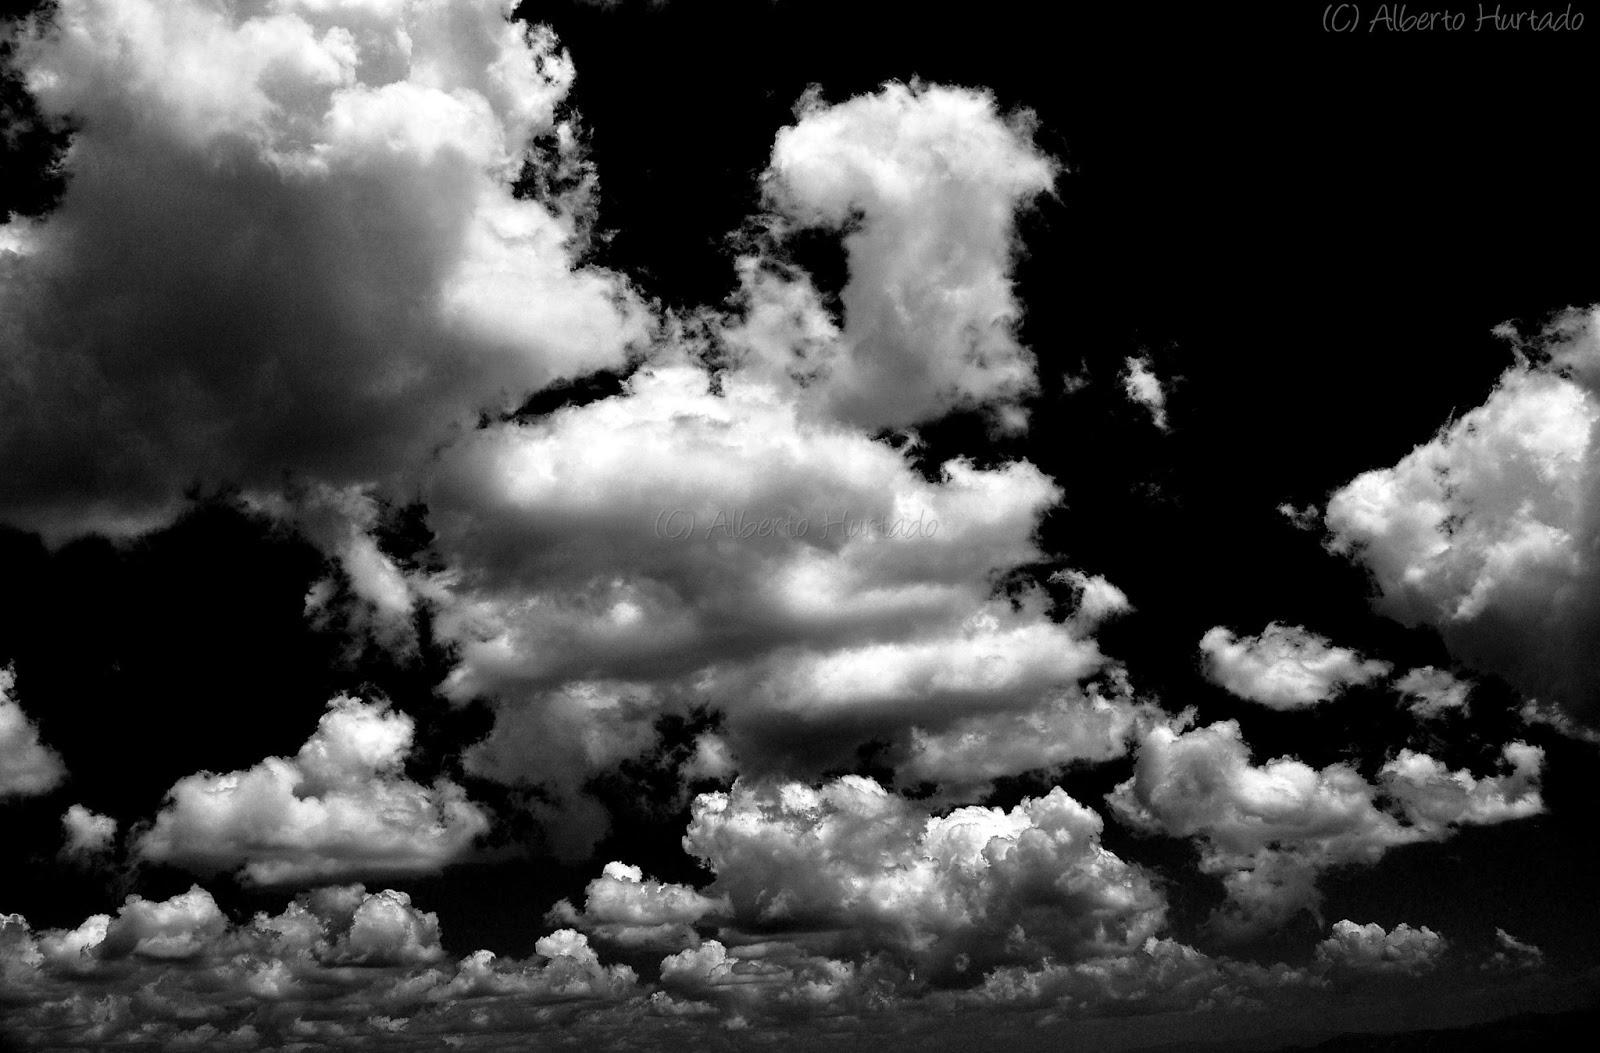 Hermosas imagenes en blanco y negro page 2 notiforo for Imagenes bonitas en blanco y negro